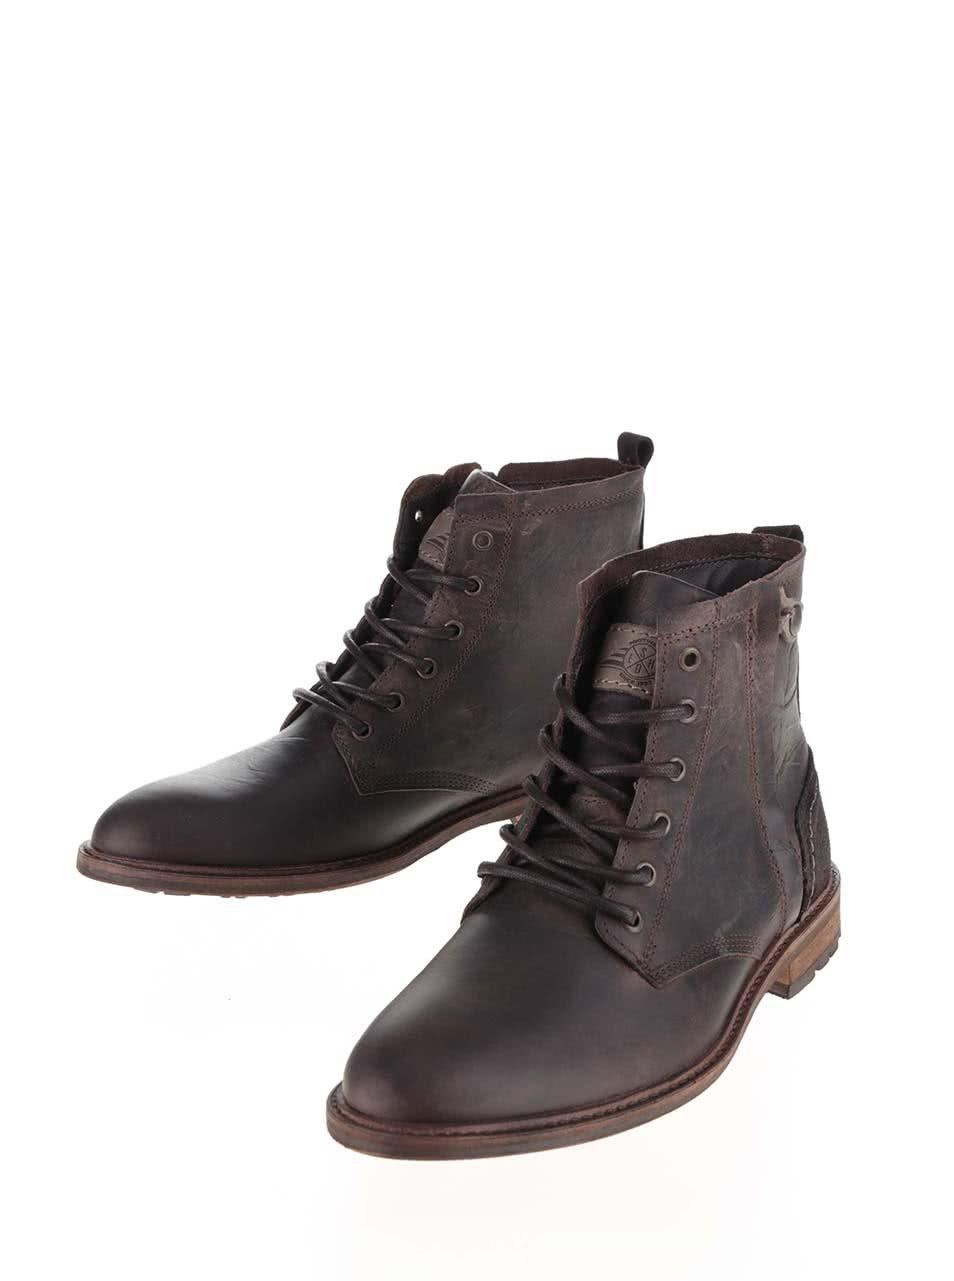 Tmavohnedé pánske kožené topánky so zipsom Bullboxer ... 2f6bcee1ce6